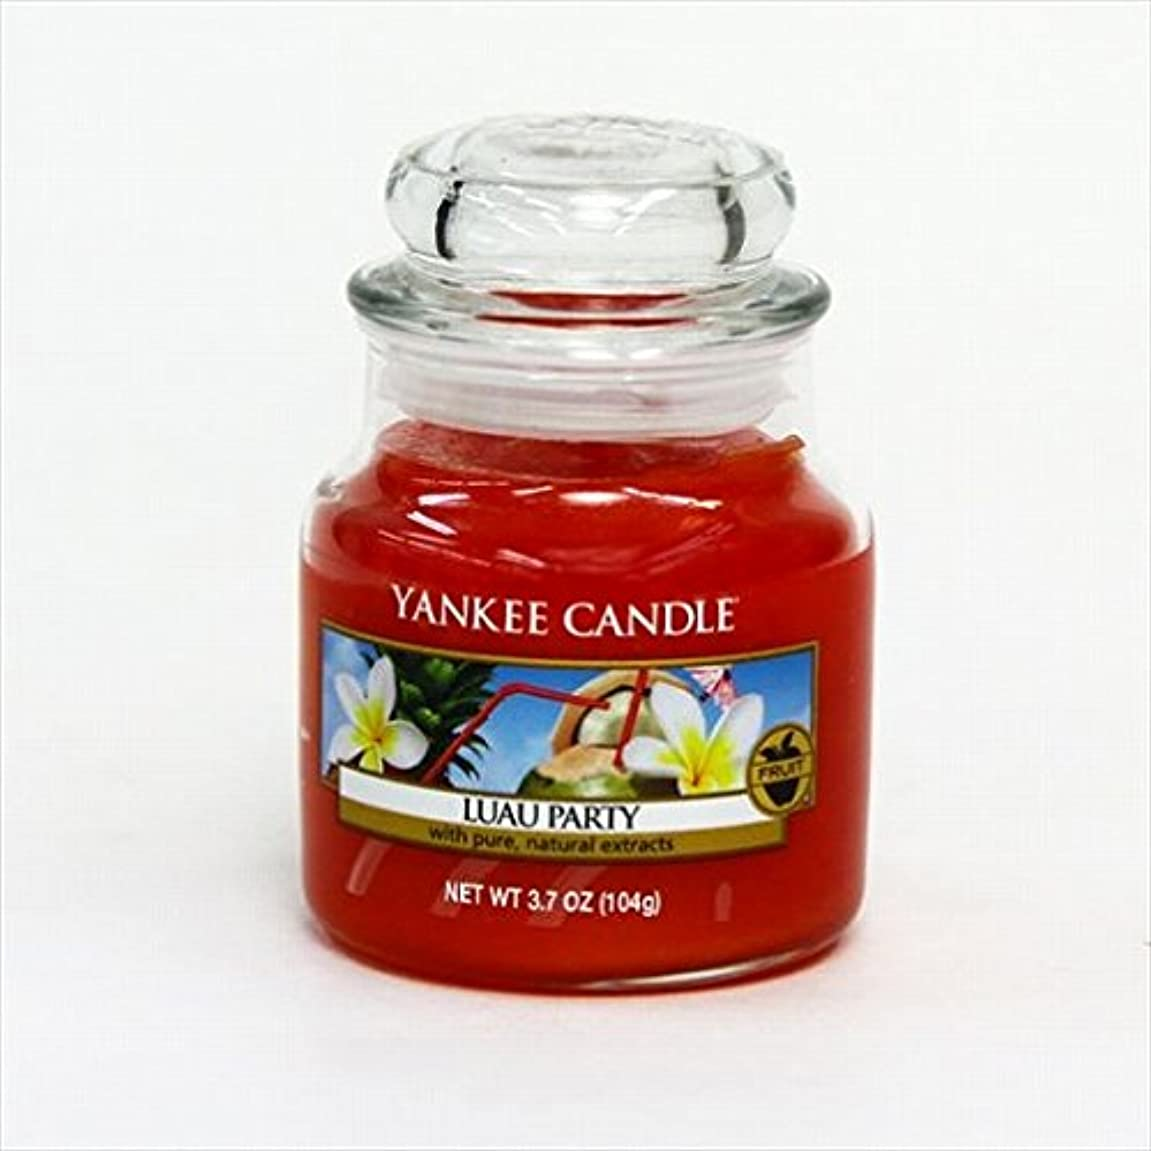 統治するシャーロックホームズ移動するカメヤマキャンドル(kameyama candle) YANKEE CANDLE ジャーS 「 ルーアウパーティ 」